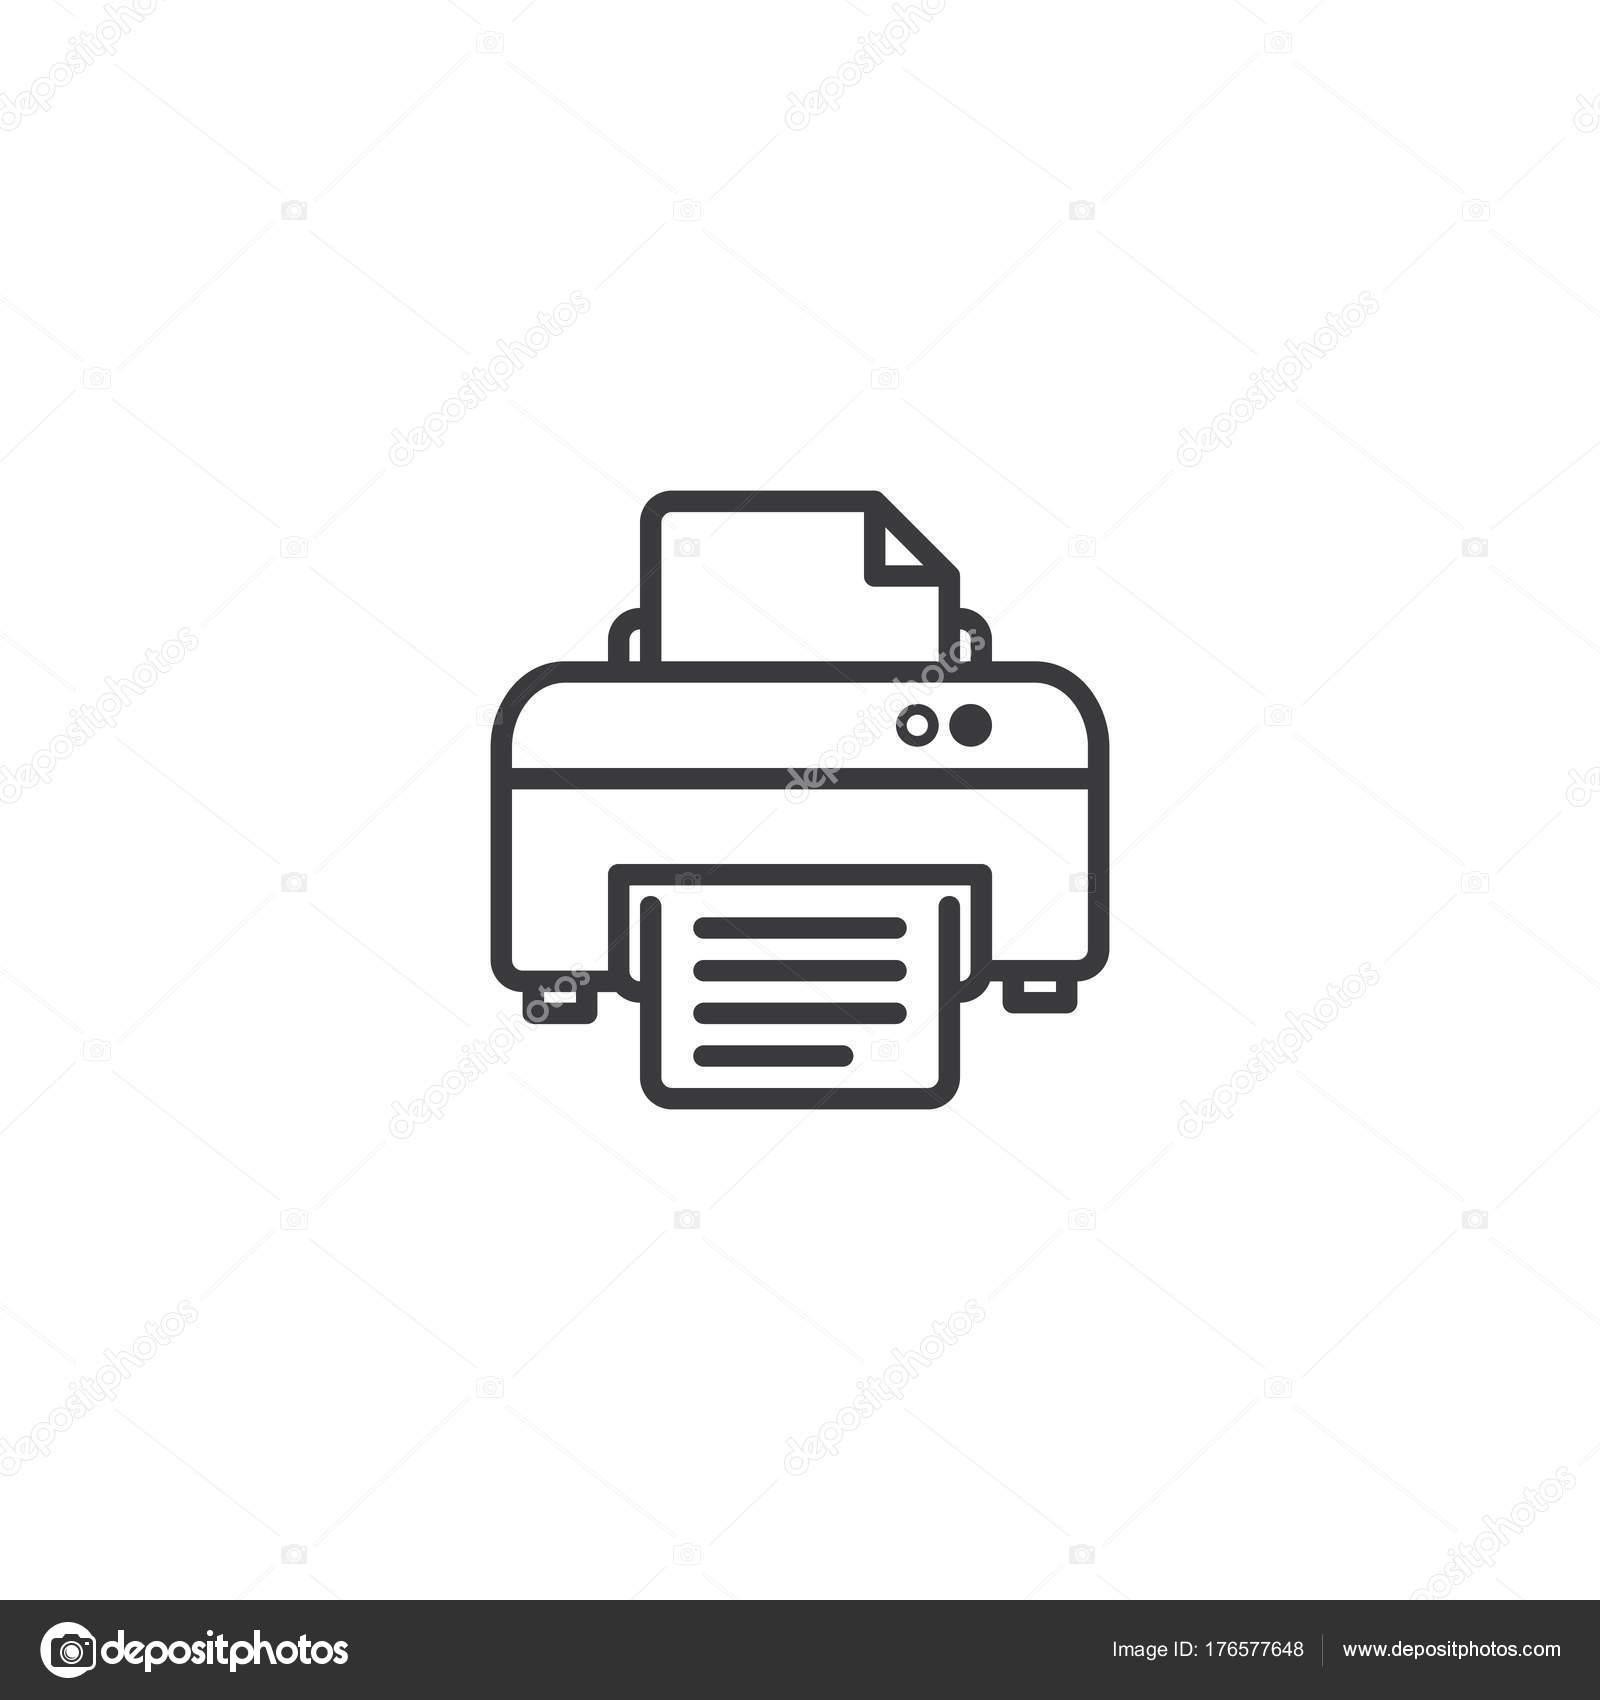 icono de símbolo de impresora. plantilla de estilo de línea de ...